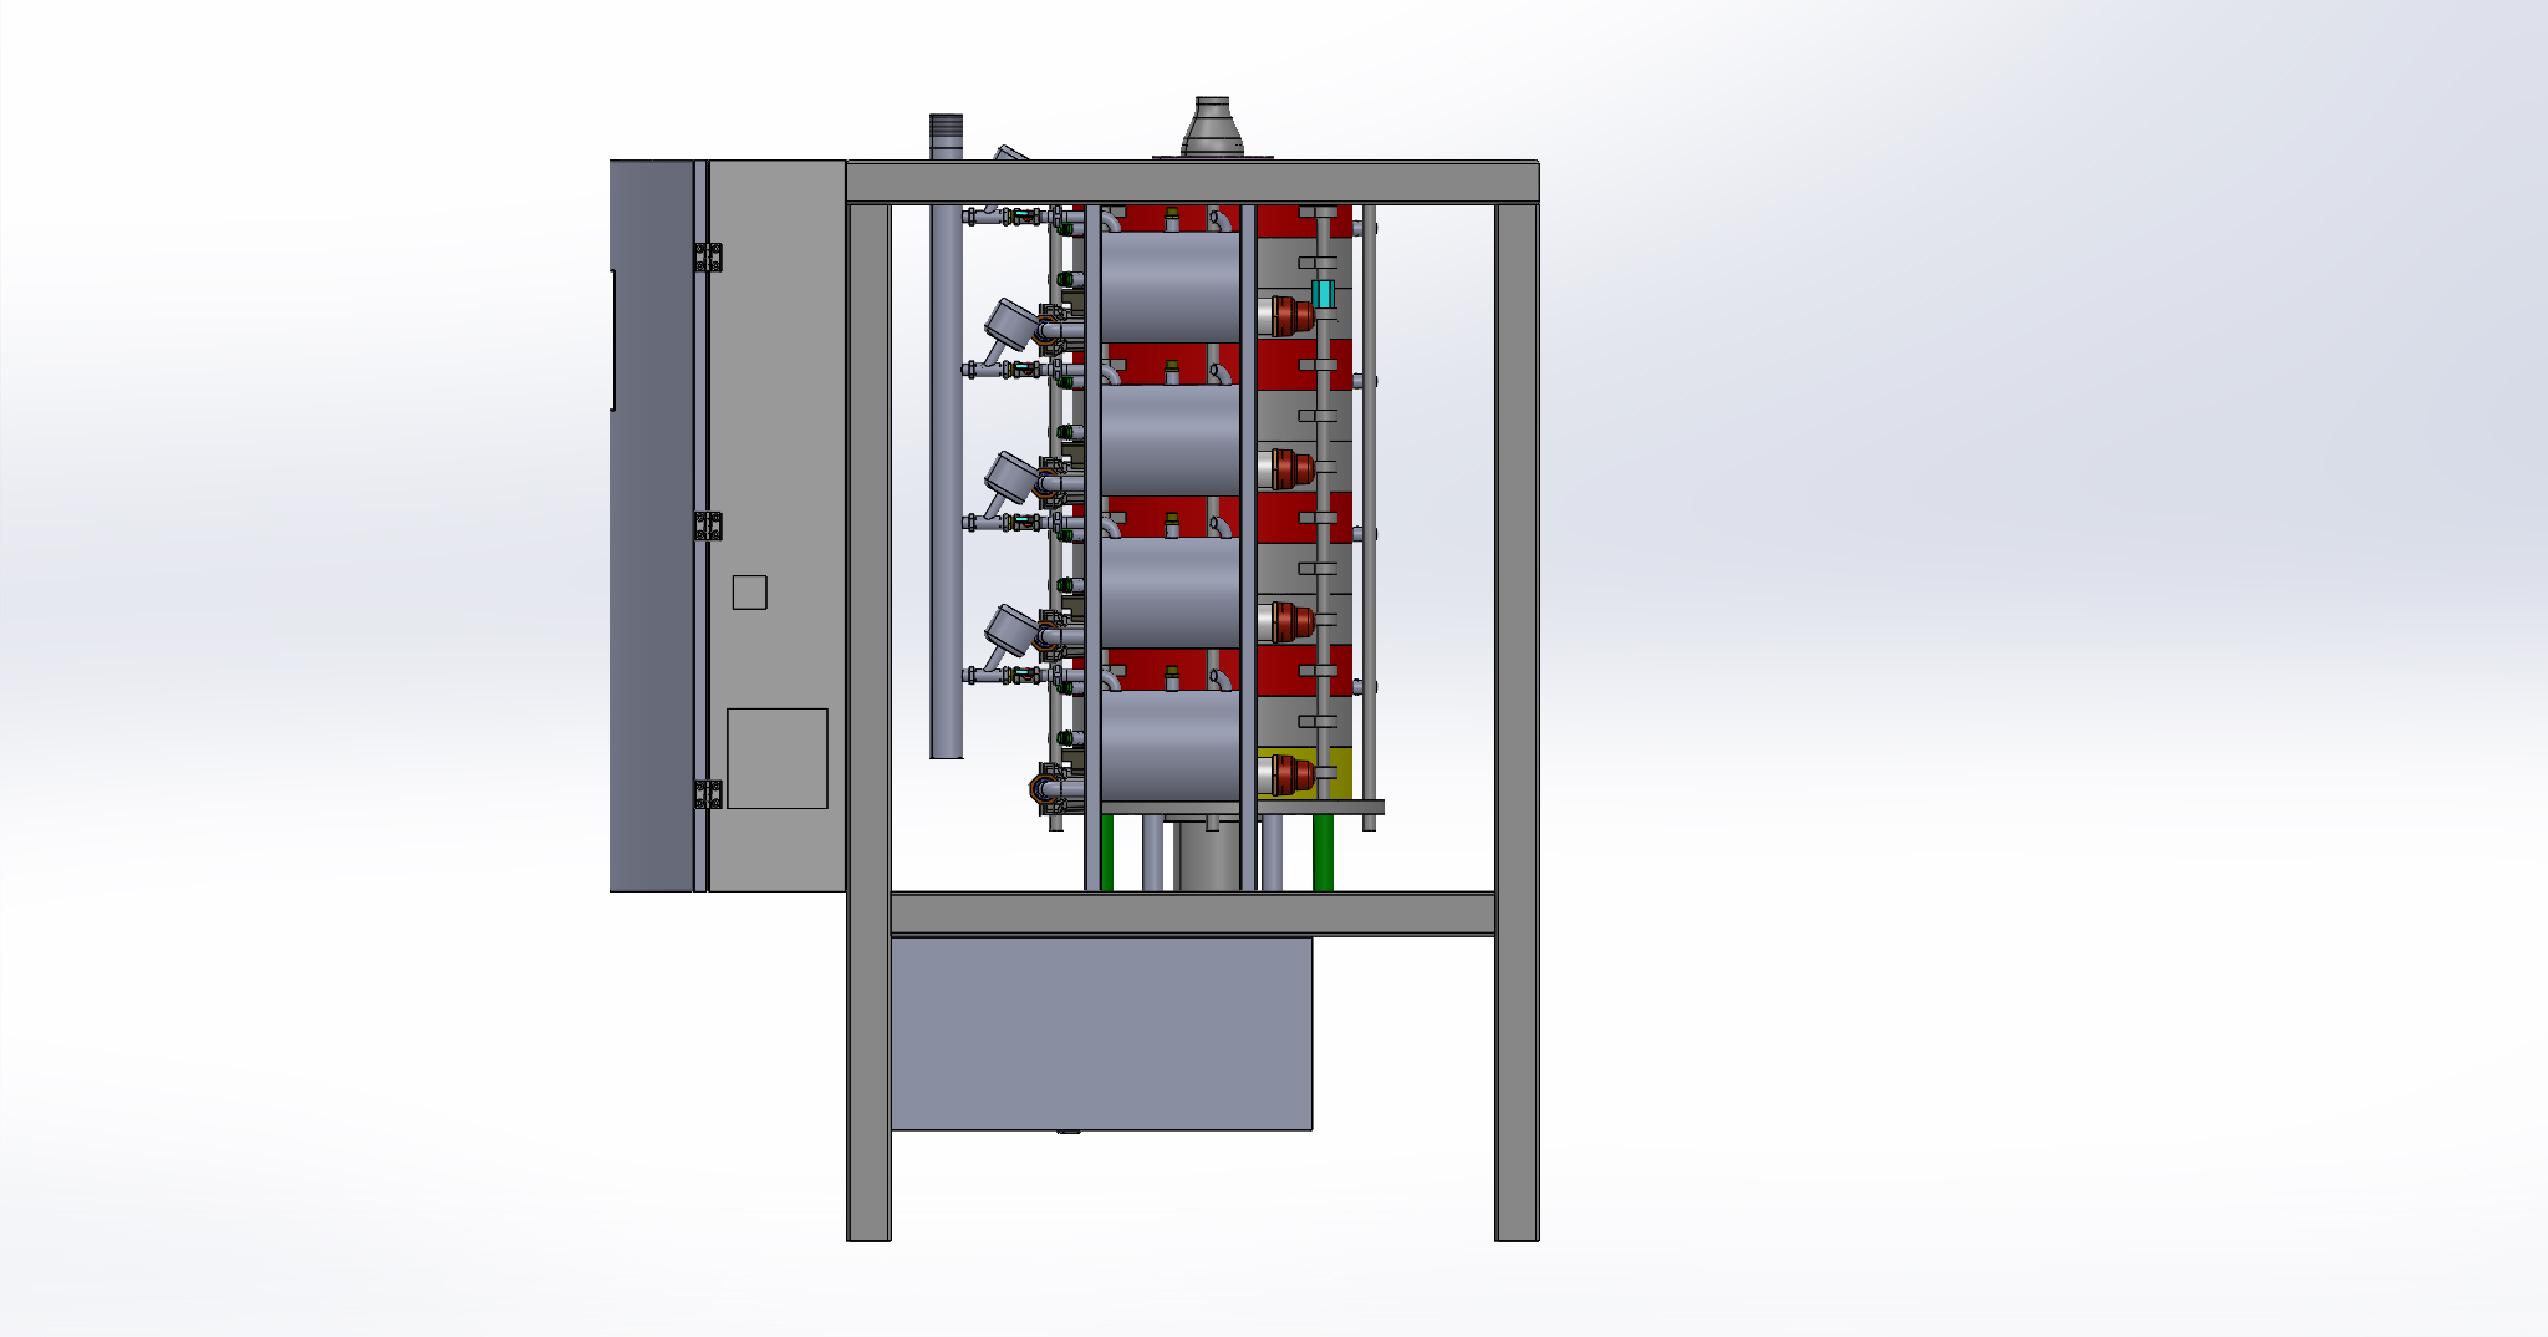 巧克力调温机3D模型图纸 IGS格式